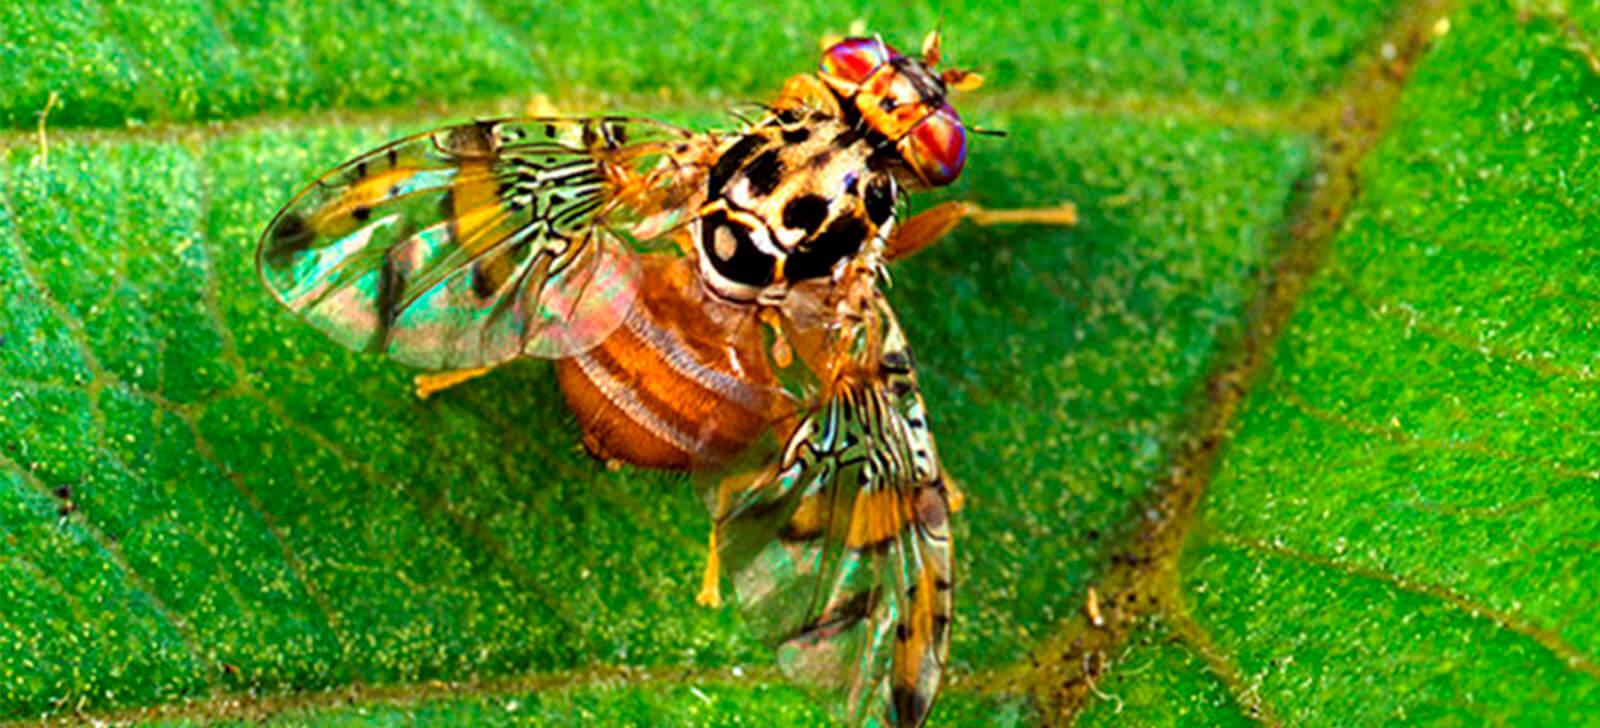 promip manejo integrado de pragas controle biologico empresa biotecnologia vender moscas transgenicas brasil final (1)